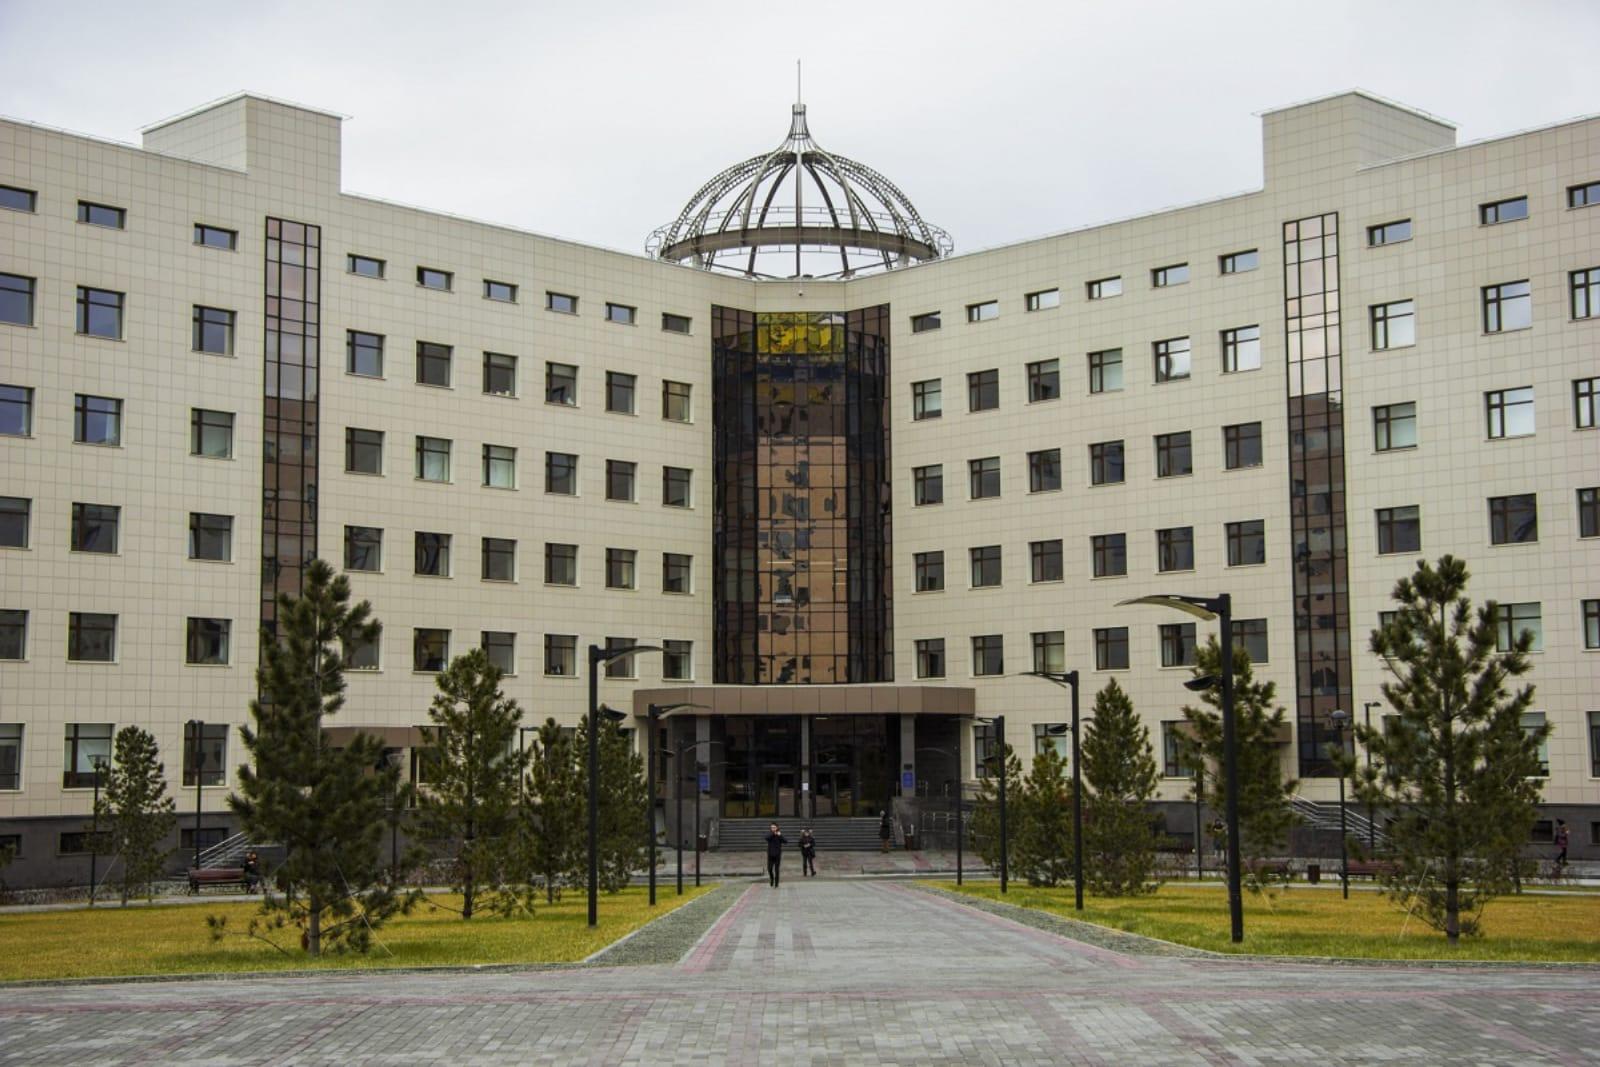 新西伯利亚国立大学新建的主教学楼